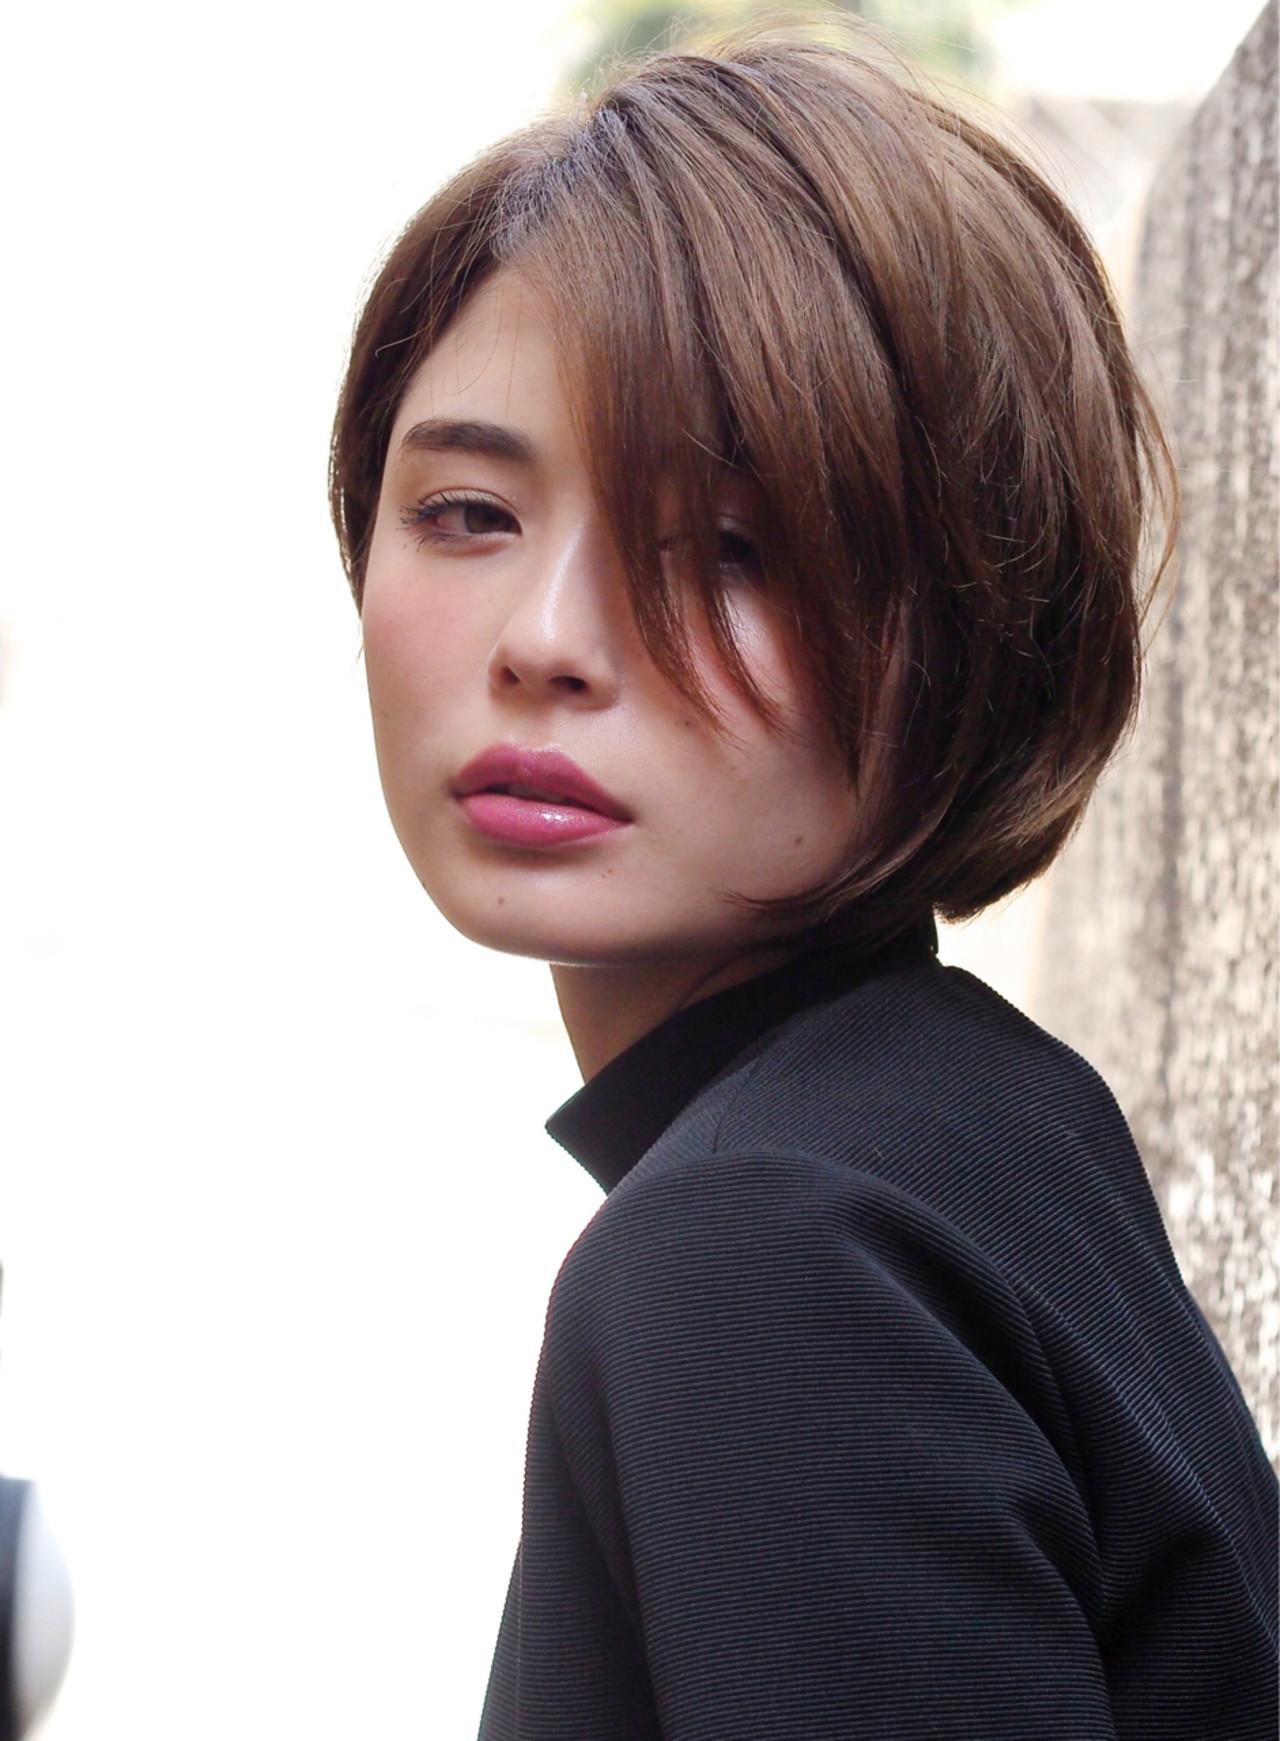 【種類別】挑戦したくなる人気のショートスタイルを一挙大公開♡ Hiroshi Kogure